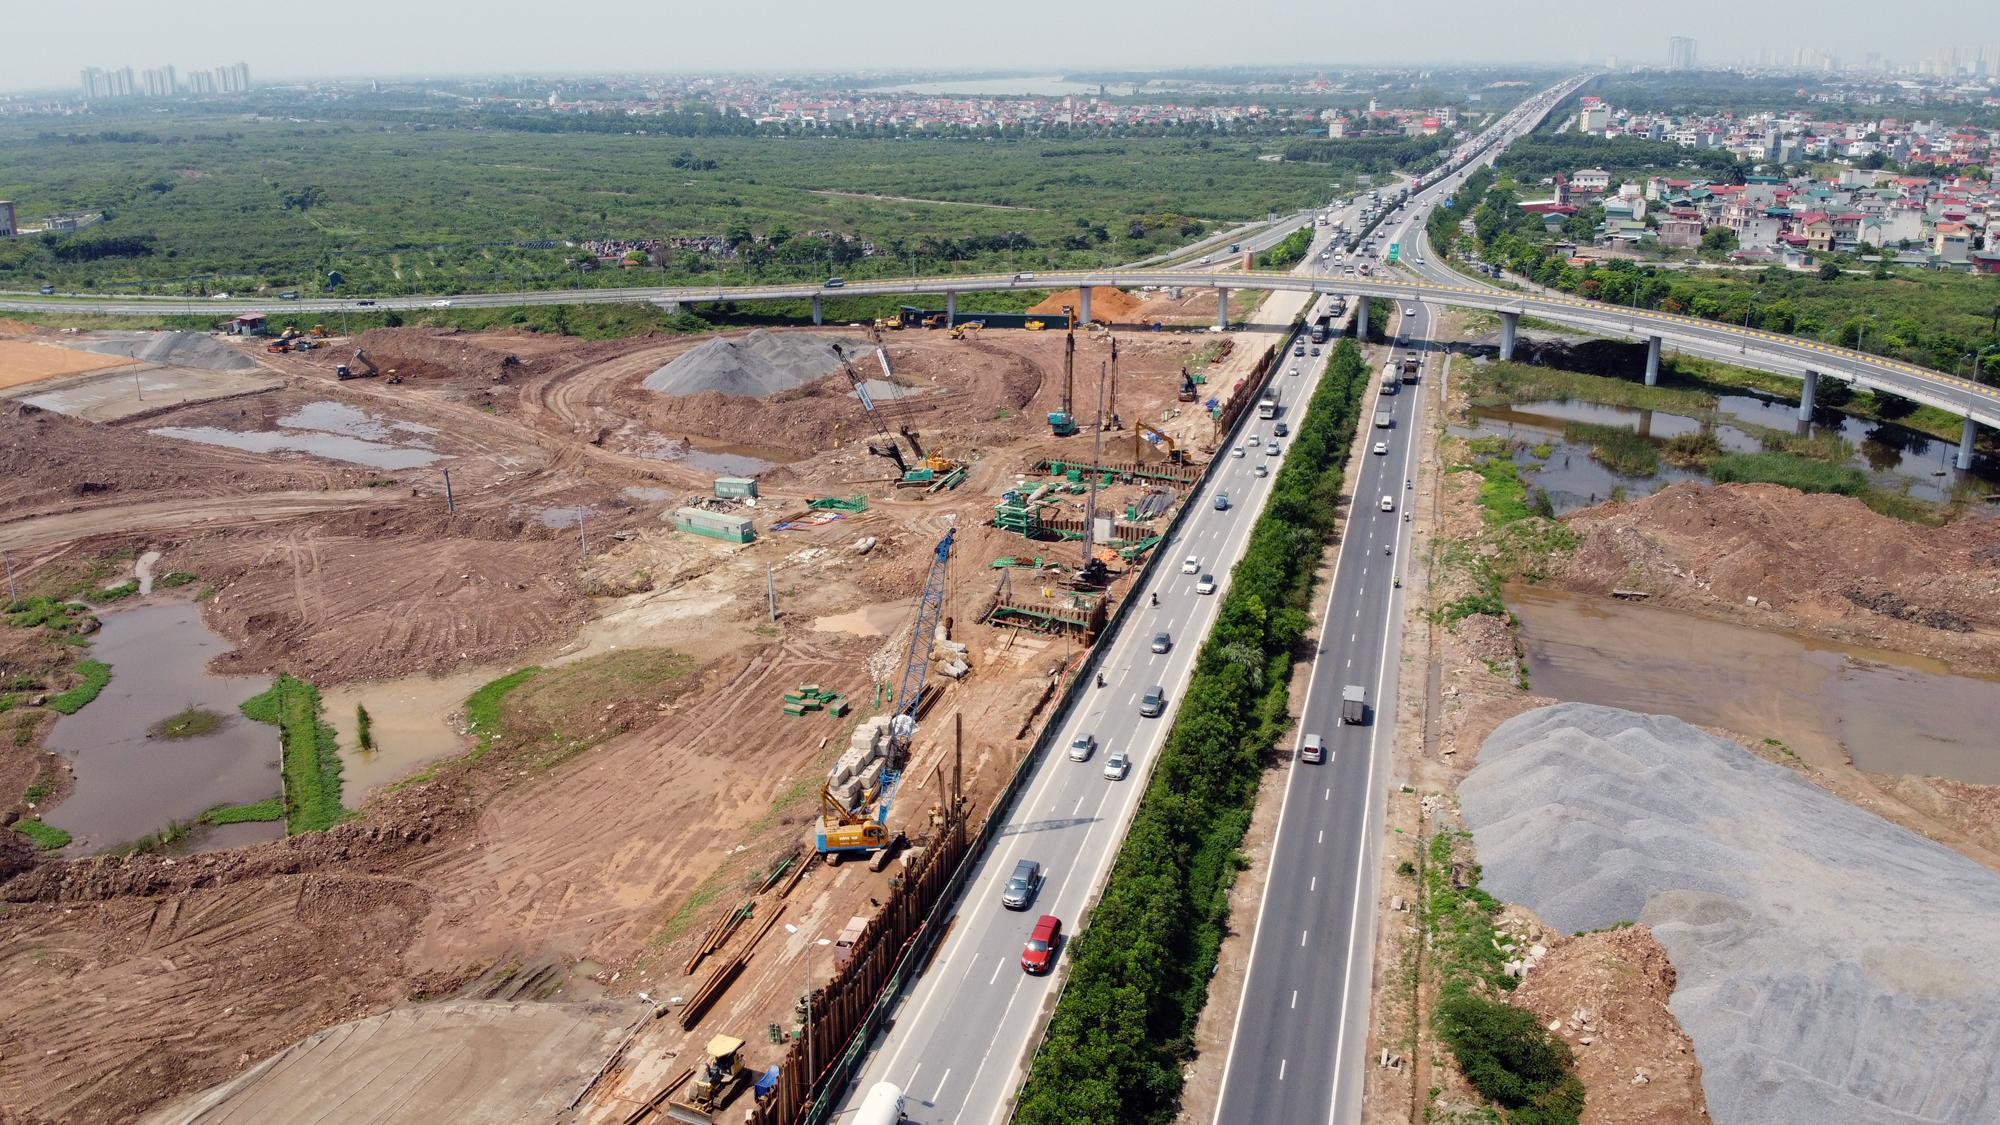 Toàn cảnh dự án xây dựng nút giao Vành đai 3 với cao tốc Hà Nội - Hải Phòng - Ảnh 8.